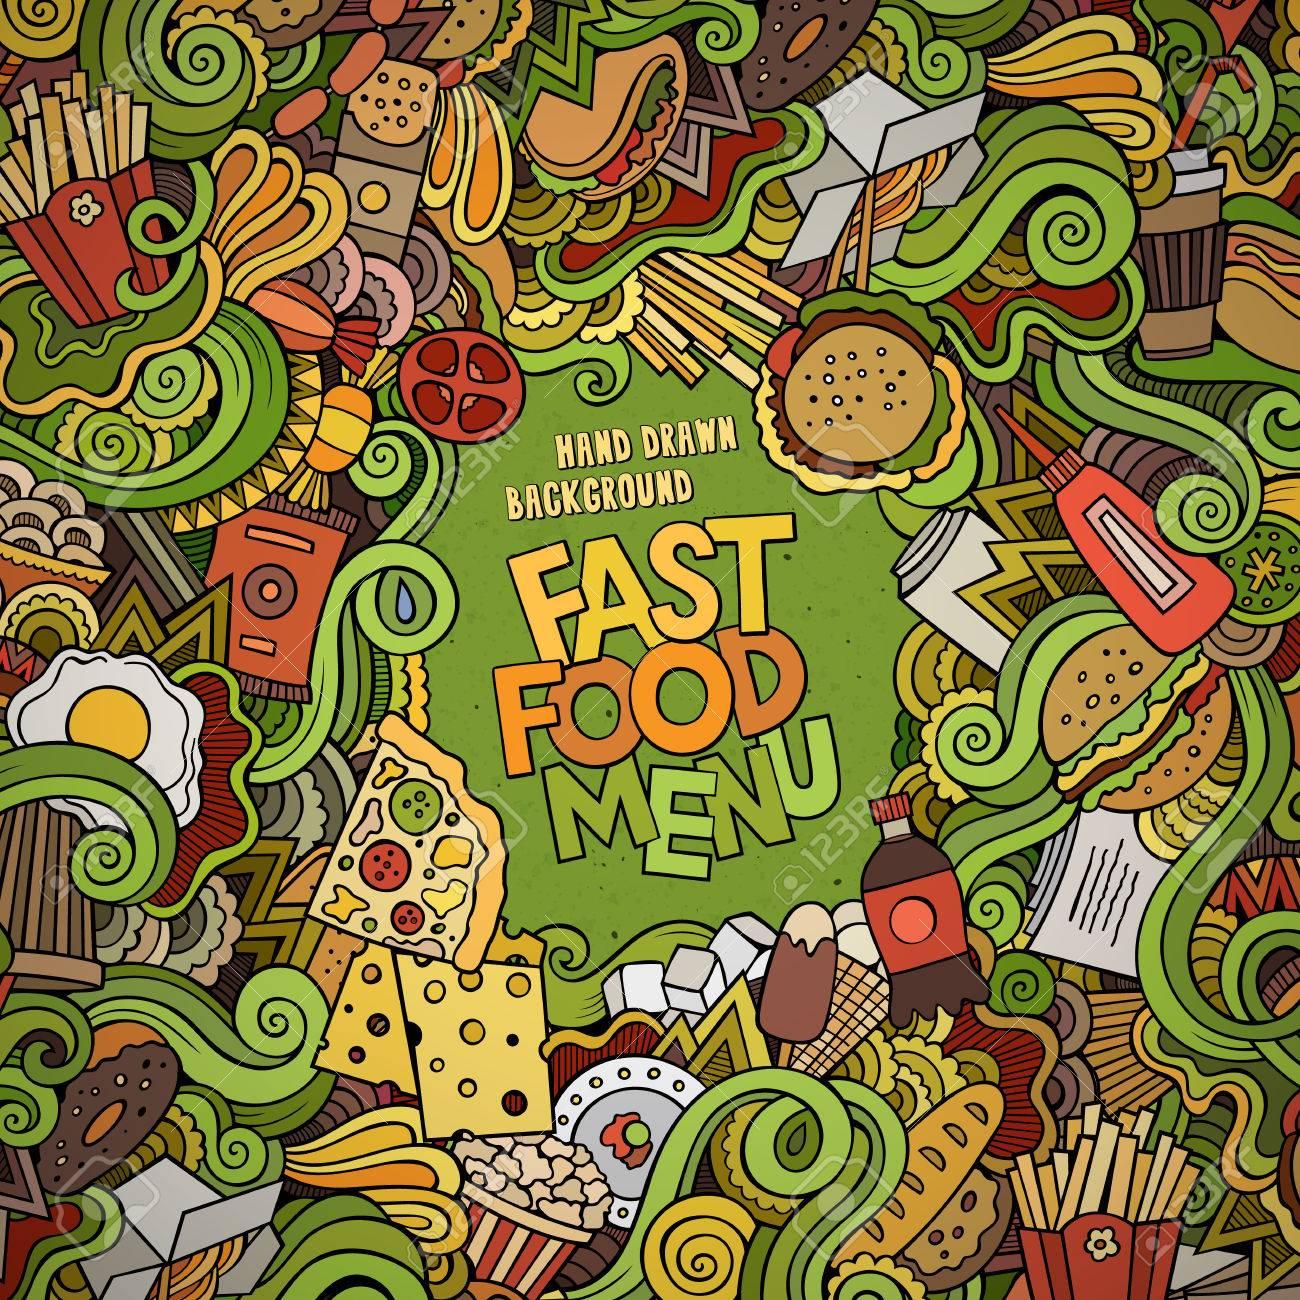 Fast food doodles elements frame background. Vector illustration - 41674297